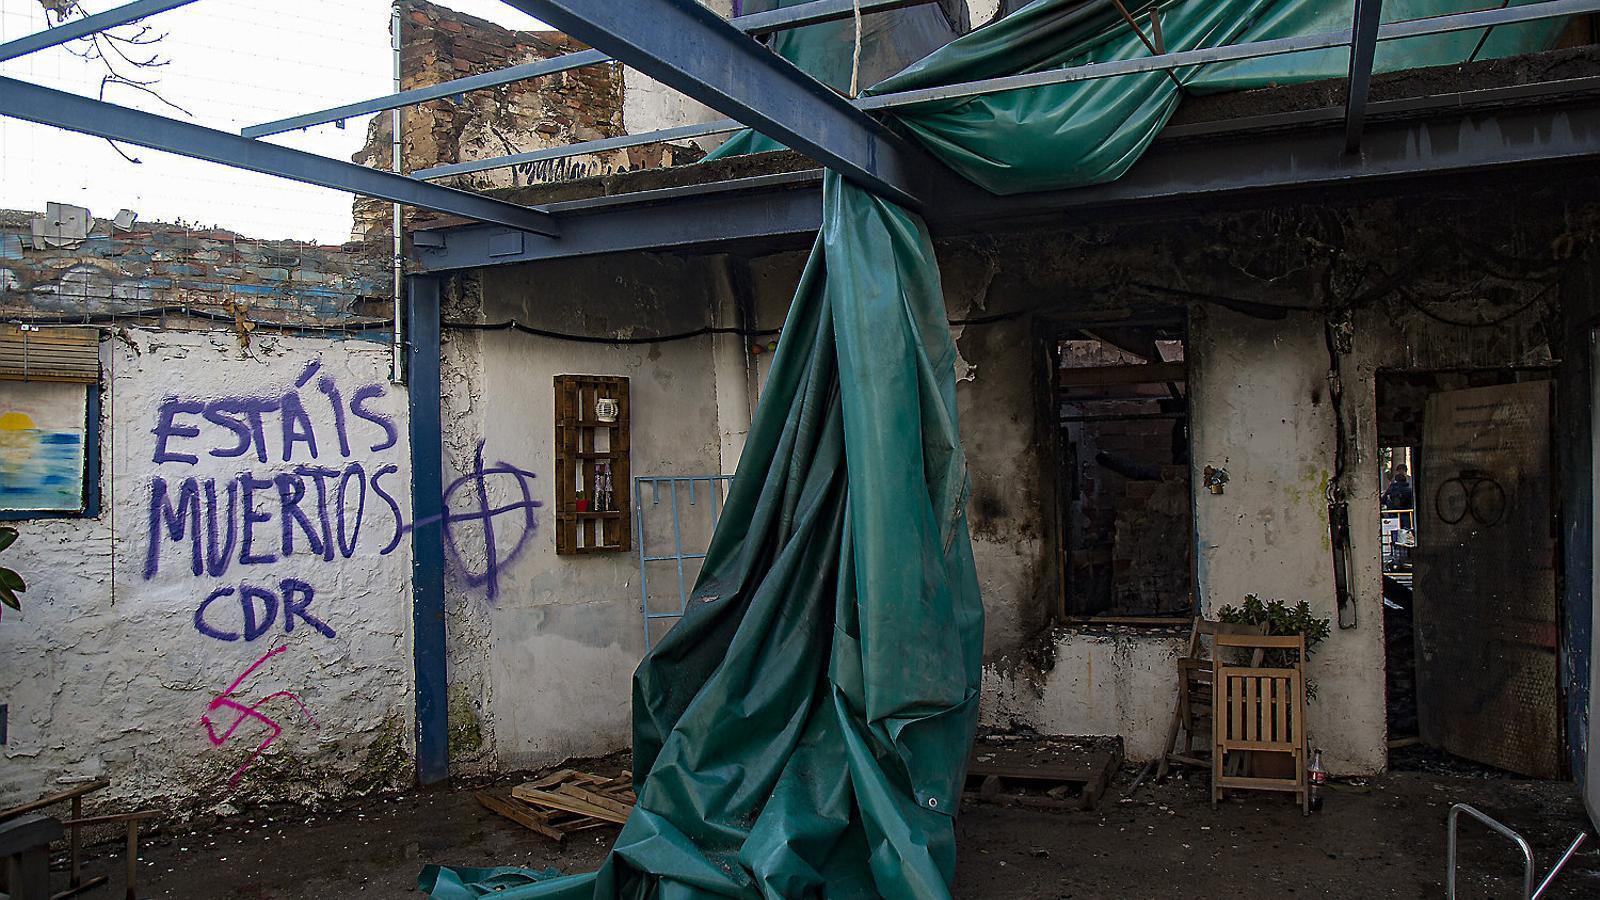 Pintades amb simbologia nazi i amenaces a l'interior de l'Ateneu Popular de Sarrià després de l'incendi de finals de març.